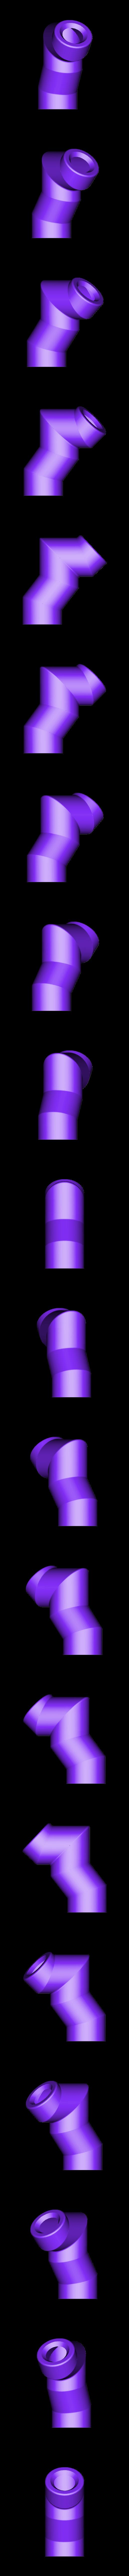 Pieza4.stl Télécharger fichier STL gratuit Bong weed • Plan à imprimer en 3D, Gabriel9526